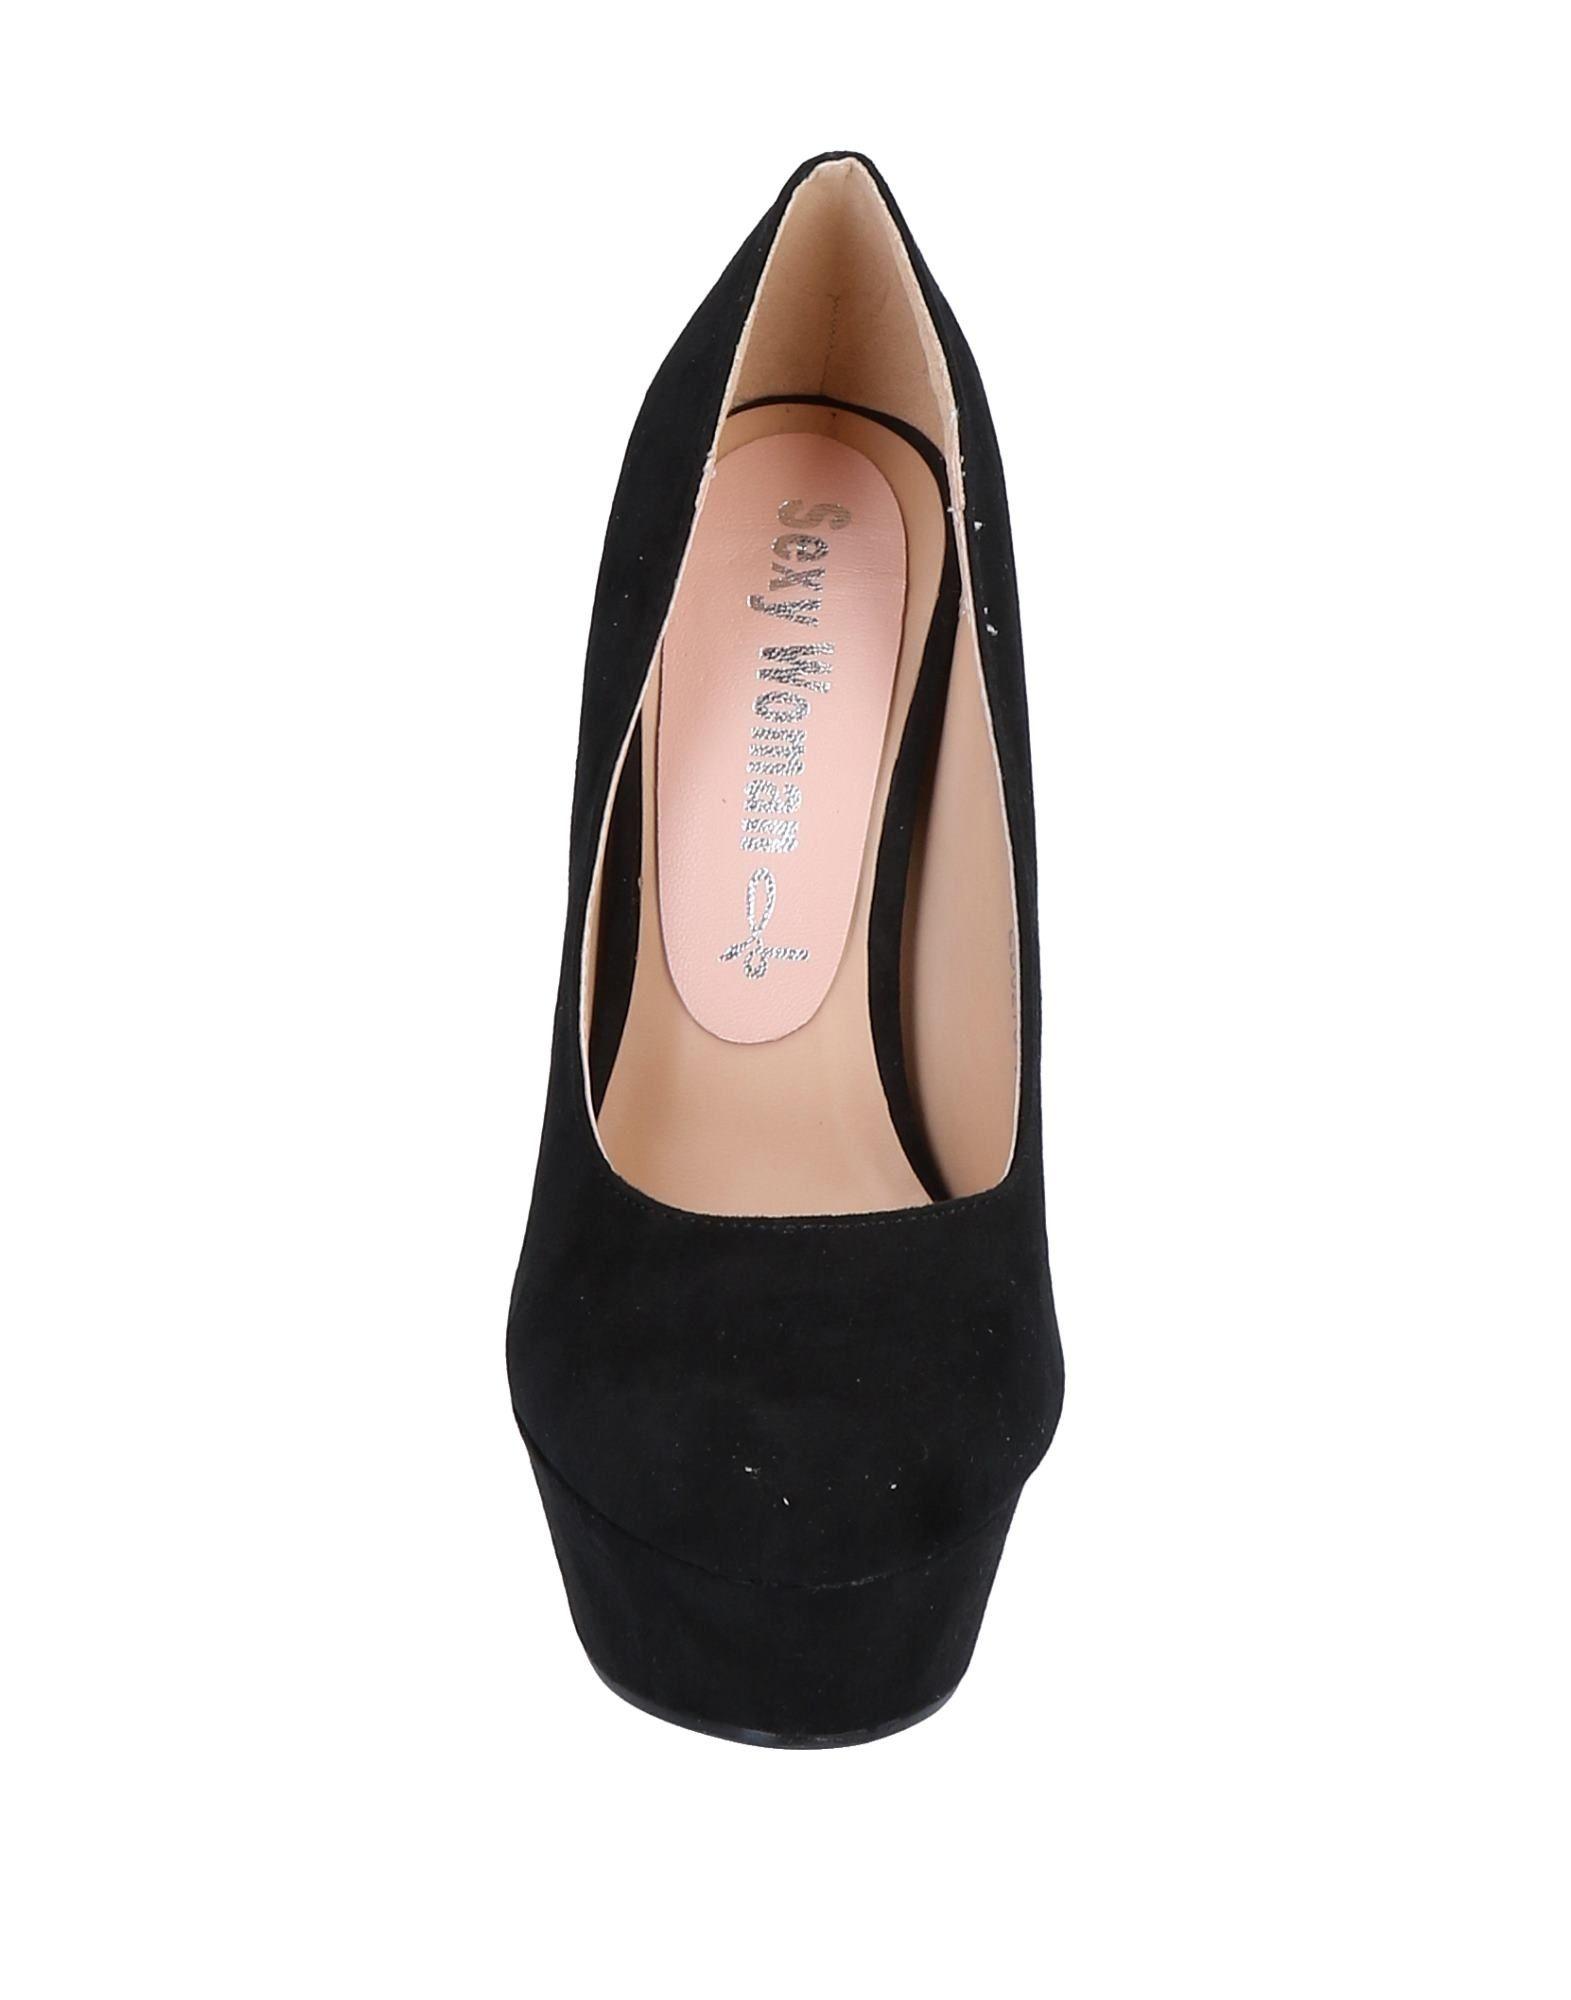 Sexy Woman Pumps Damen beliebte  11565264UQ Gute Qualität beliebte Damen Schuhe 236380